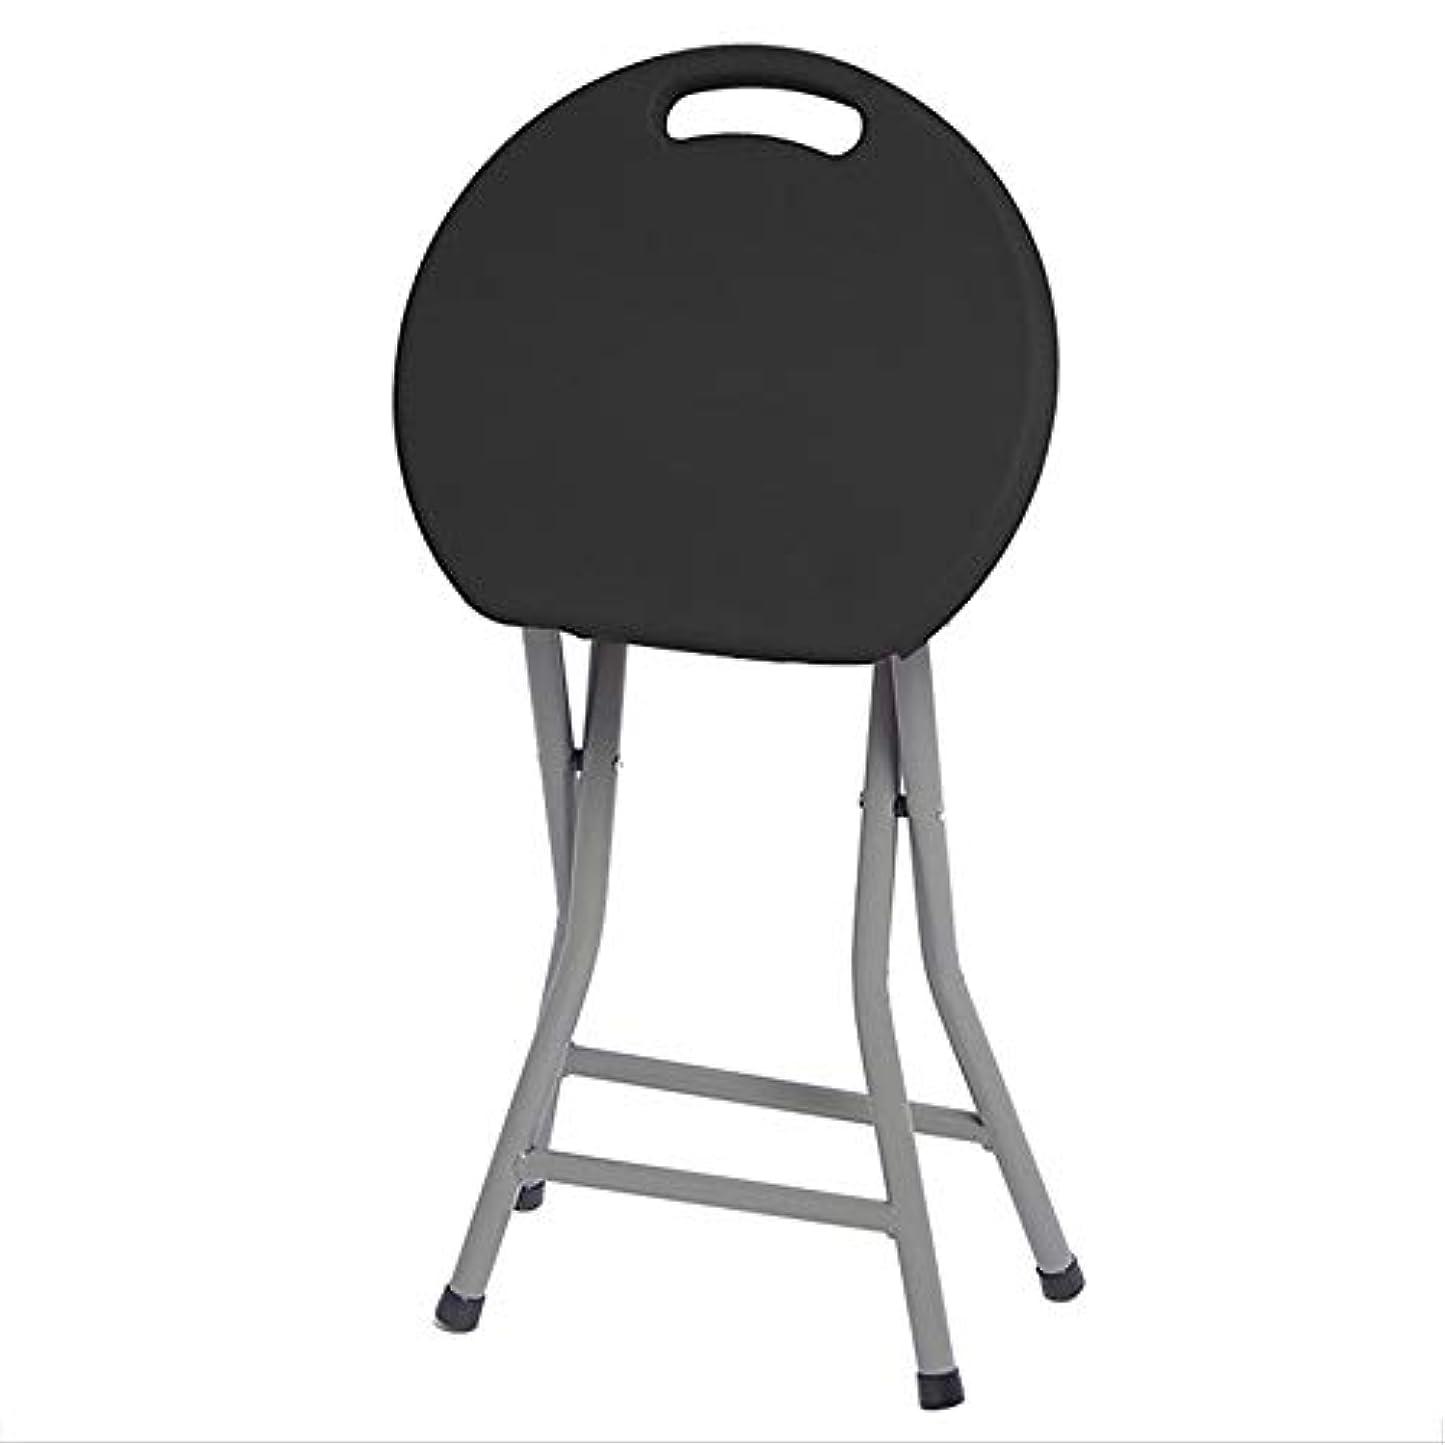 ハリケーンテロ主張するQ-Y-J ファッション創造的な折り畳み式の丸い椅子ポータブル屋外レジャーチェア厚いプラスチックテーブルキャンプベンチ (Size : 33x55cm)